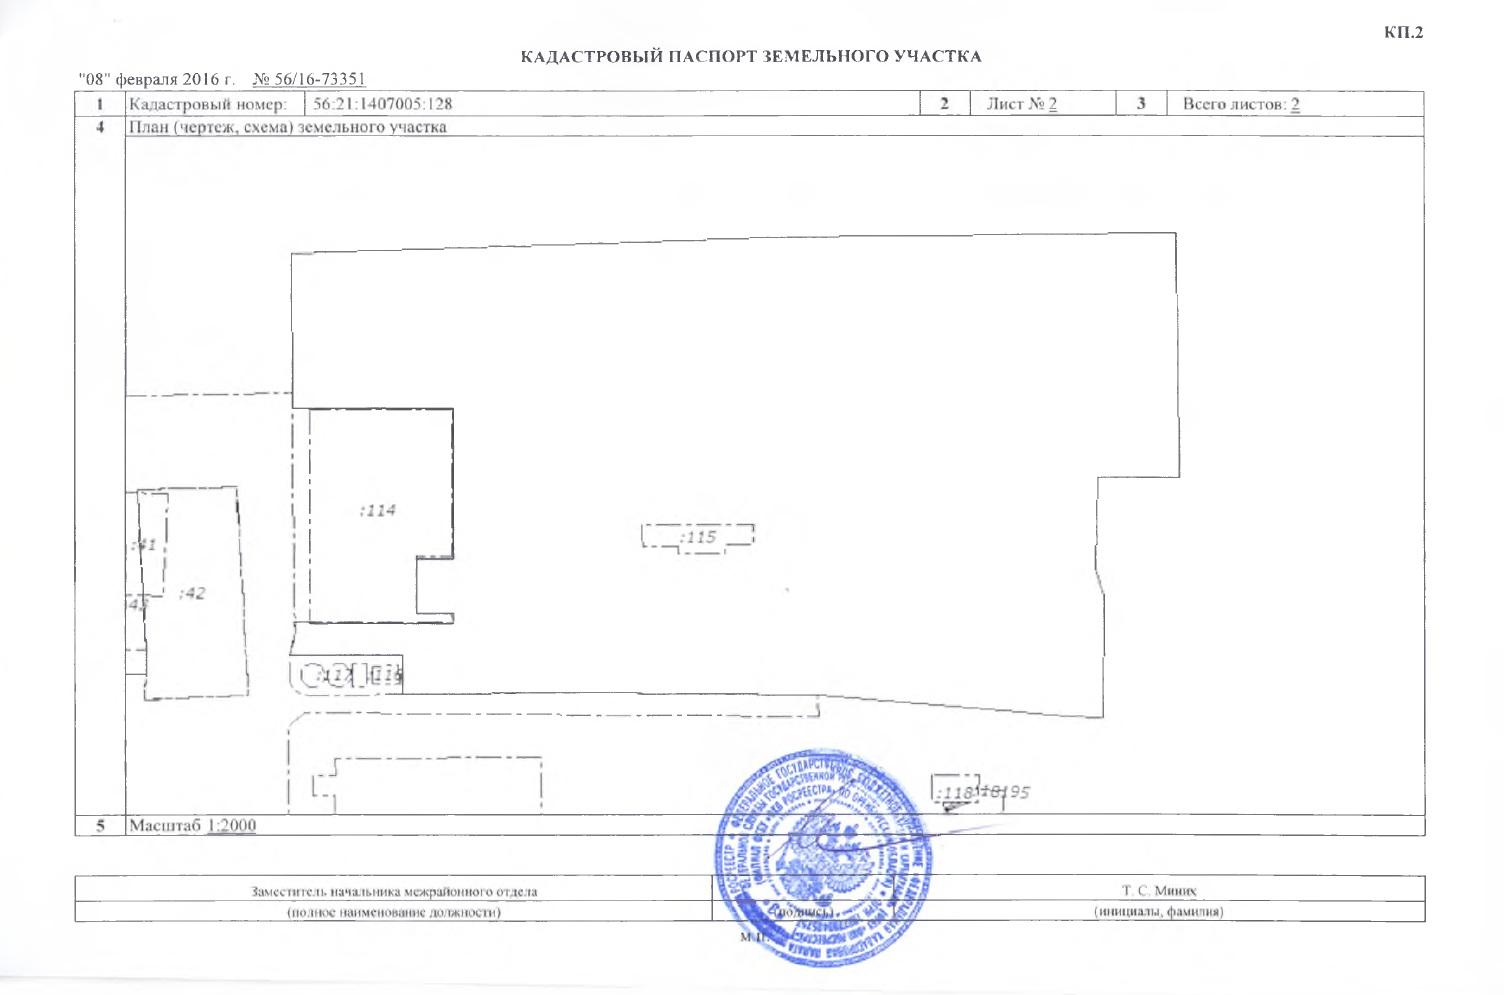 Кадастровый паспорт земельного участка картинка